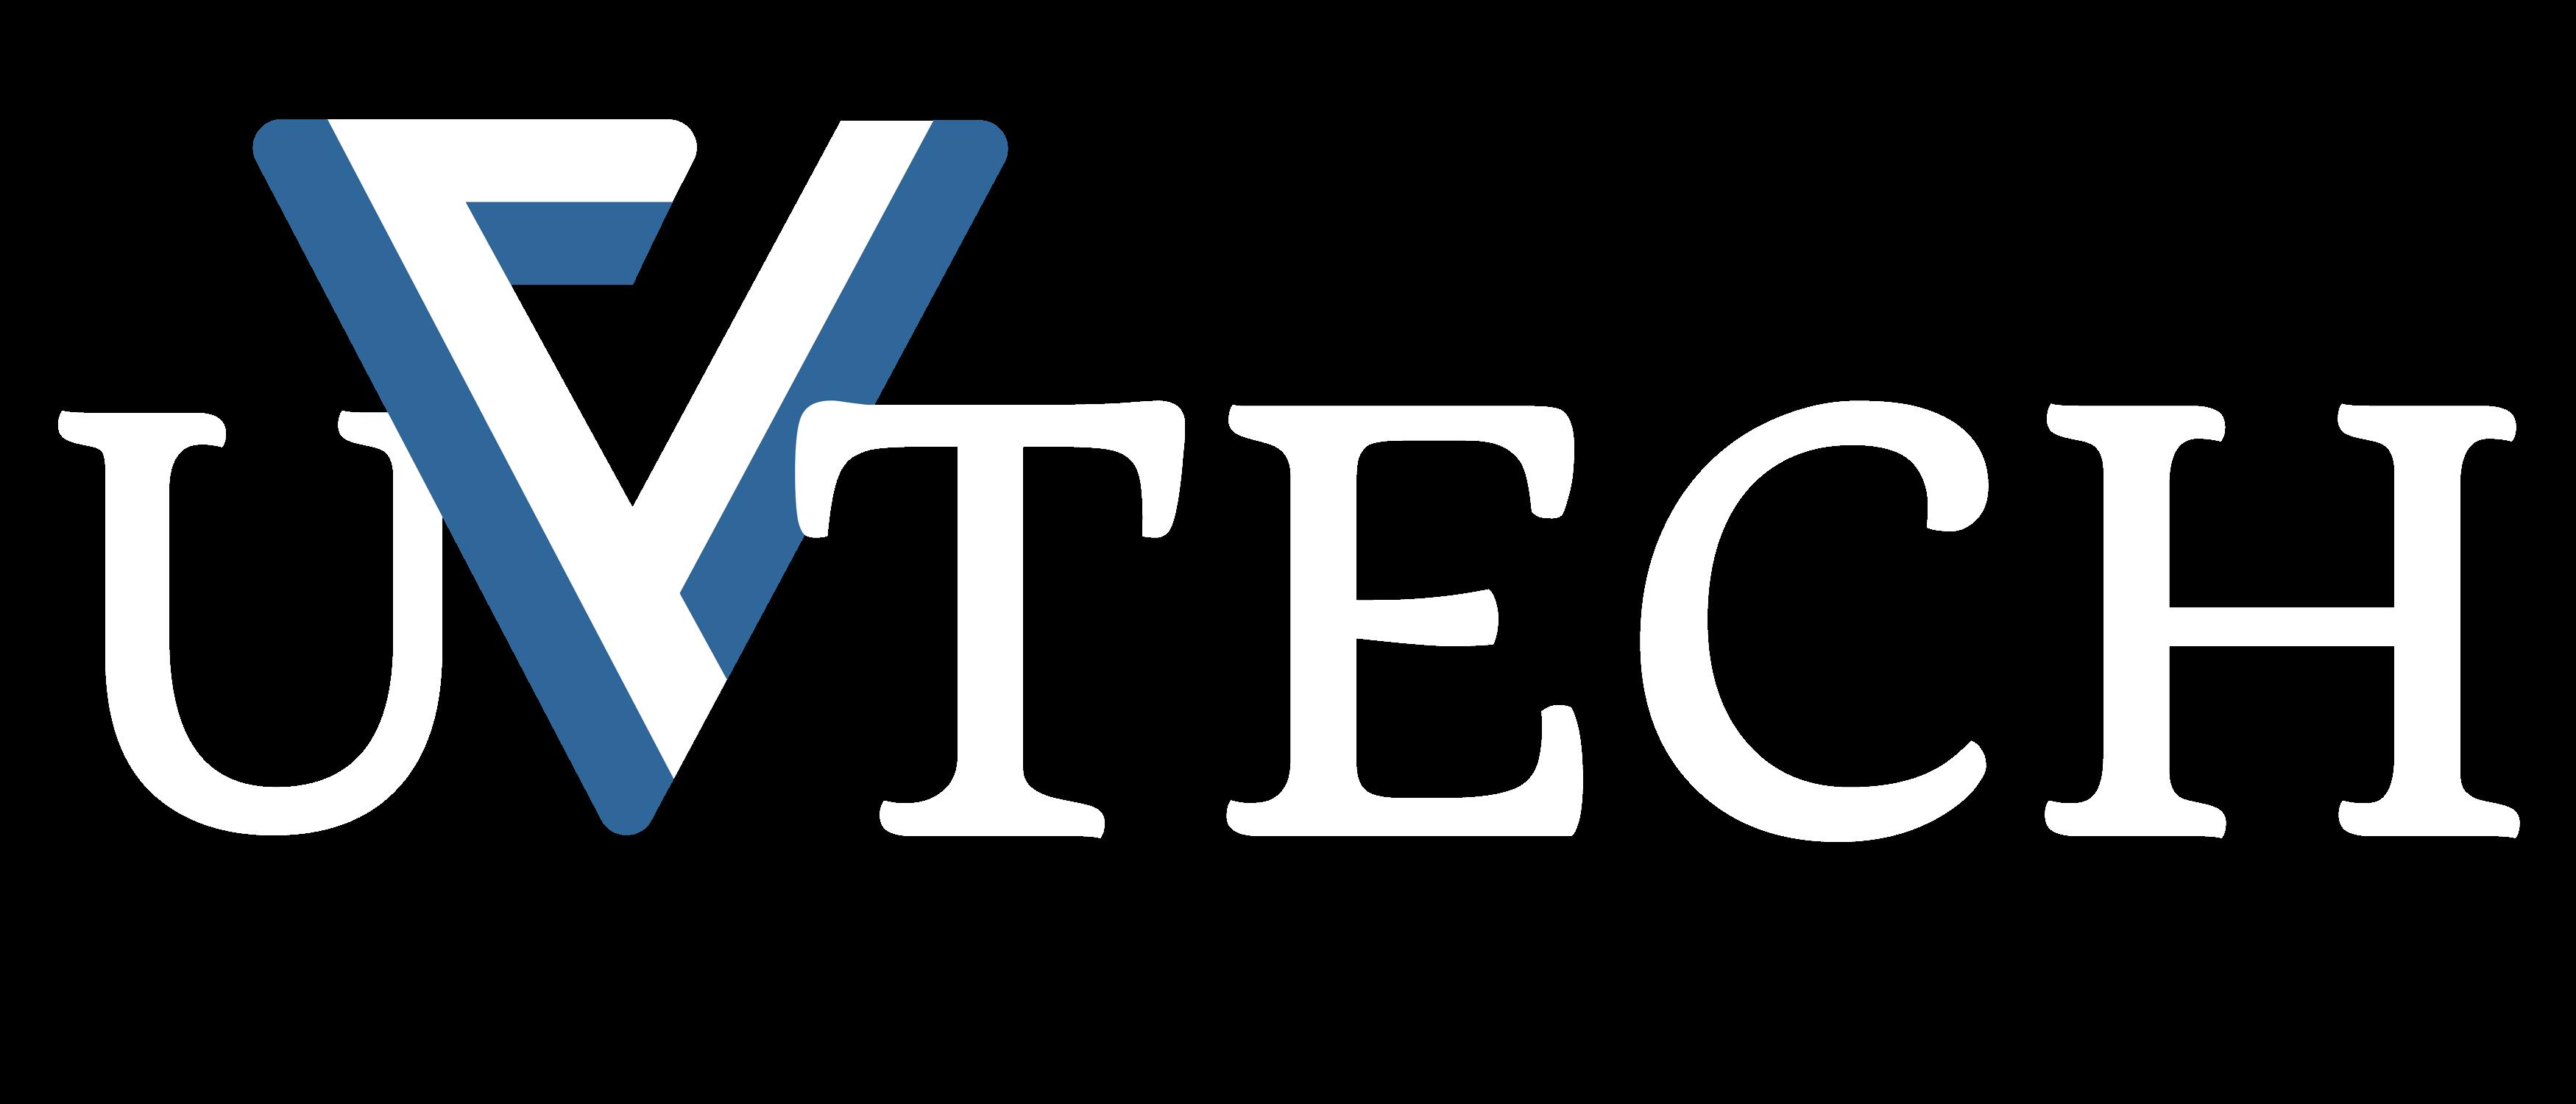 UVtech